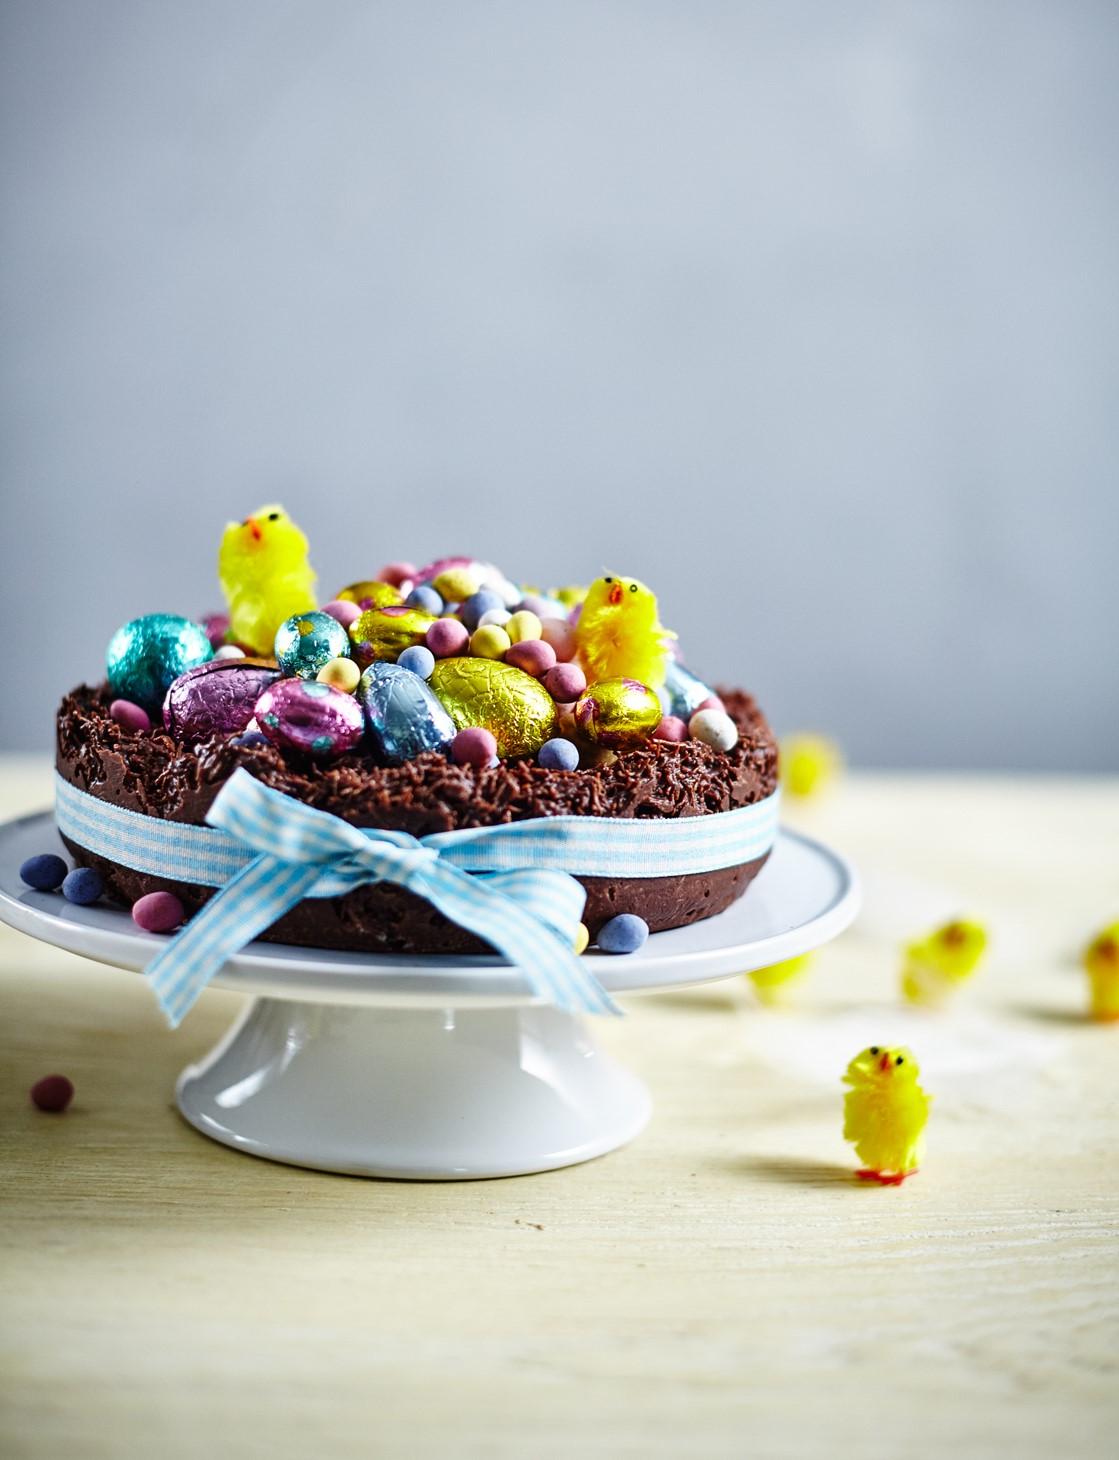 Cake décoré de petits oeufs multicolores.